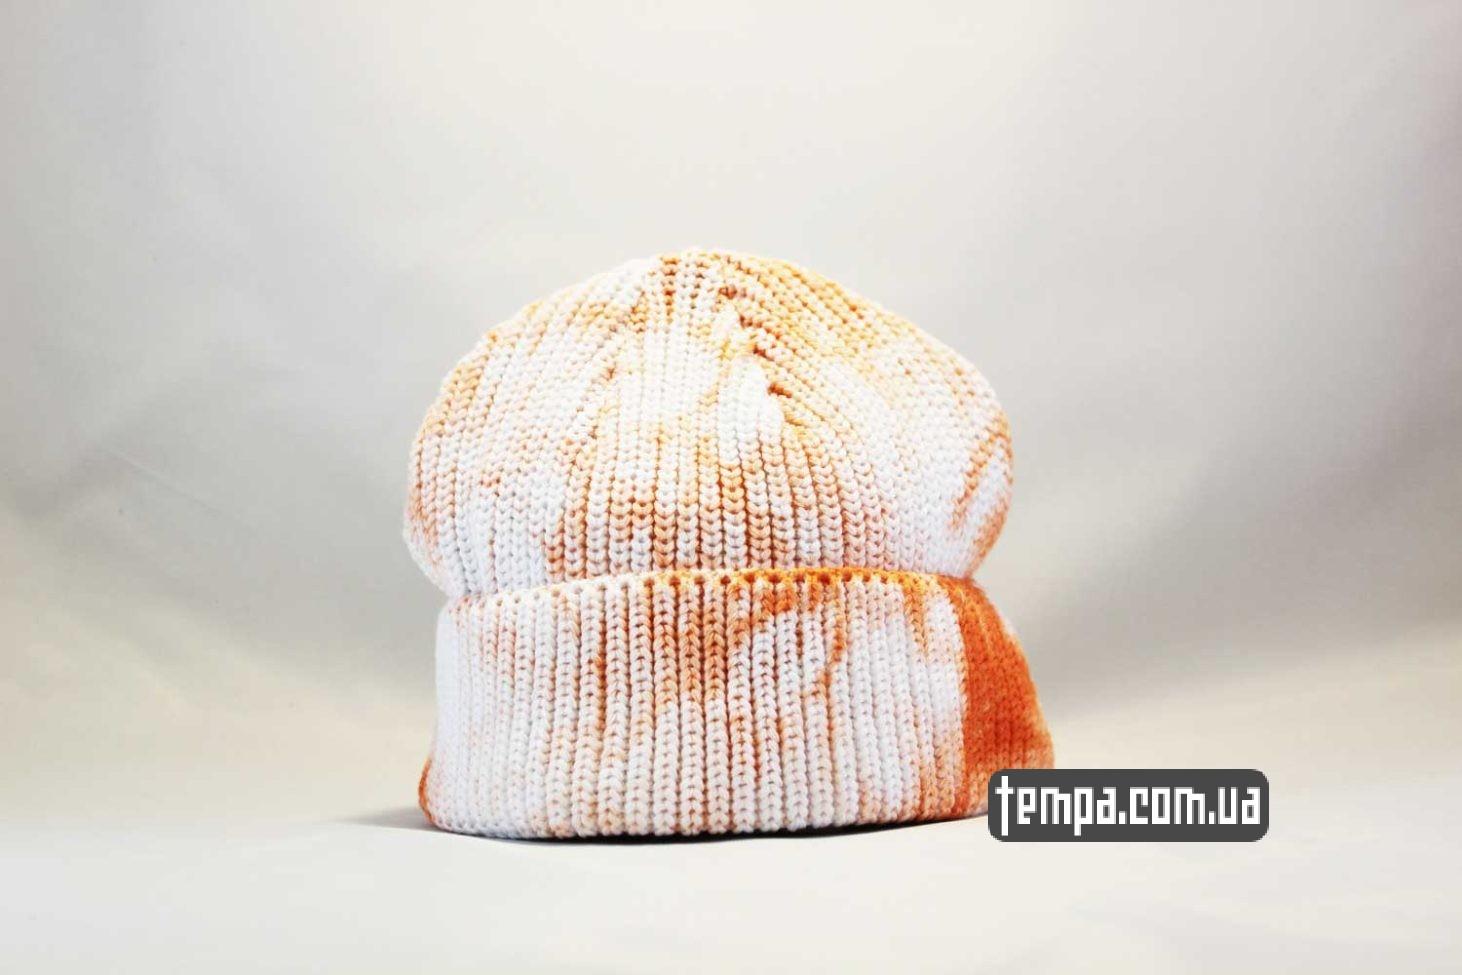 бини купить короткая шапка beanie Carhartt пятнистая оранжево-белая